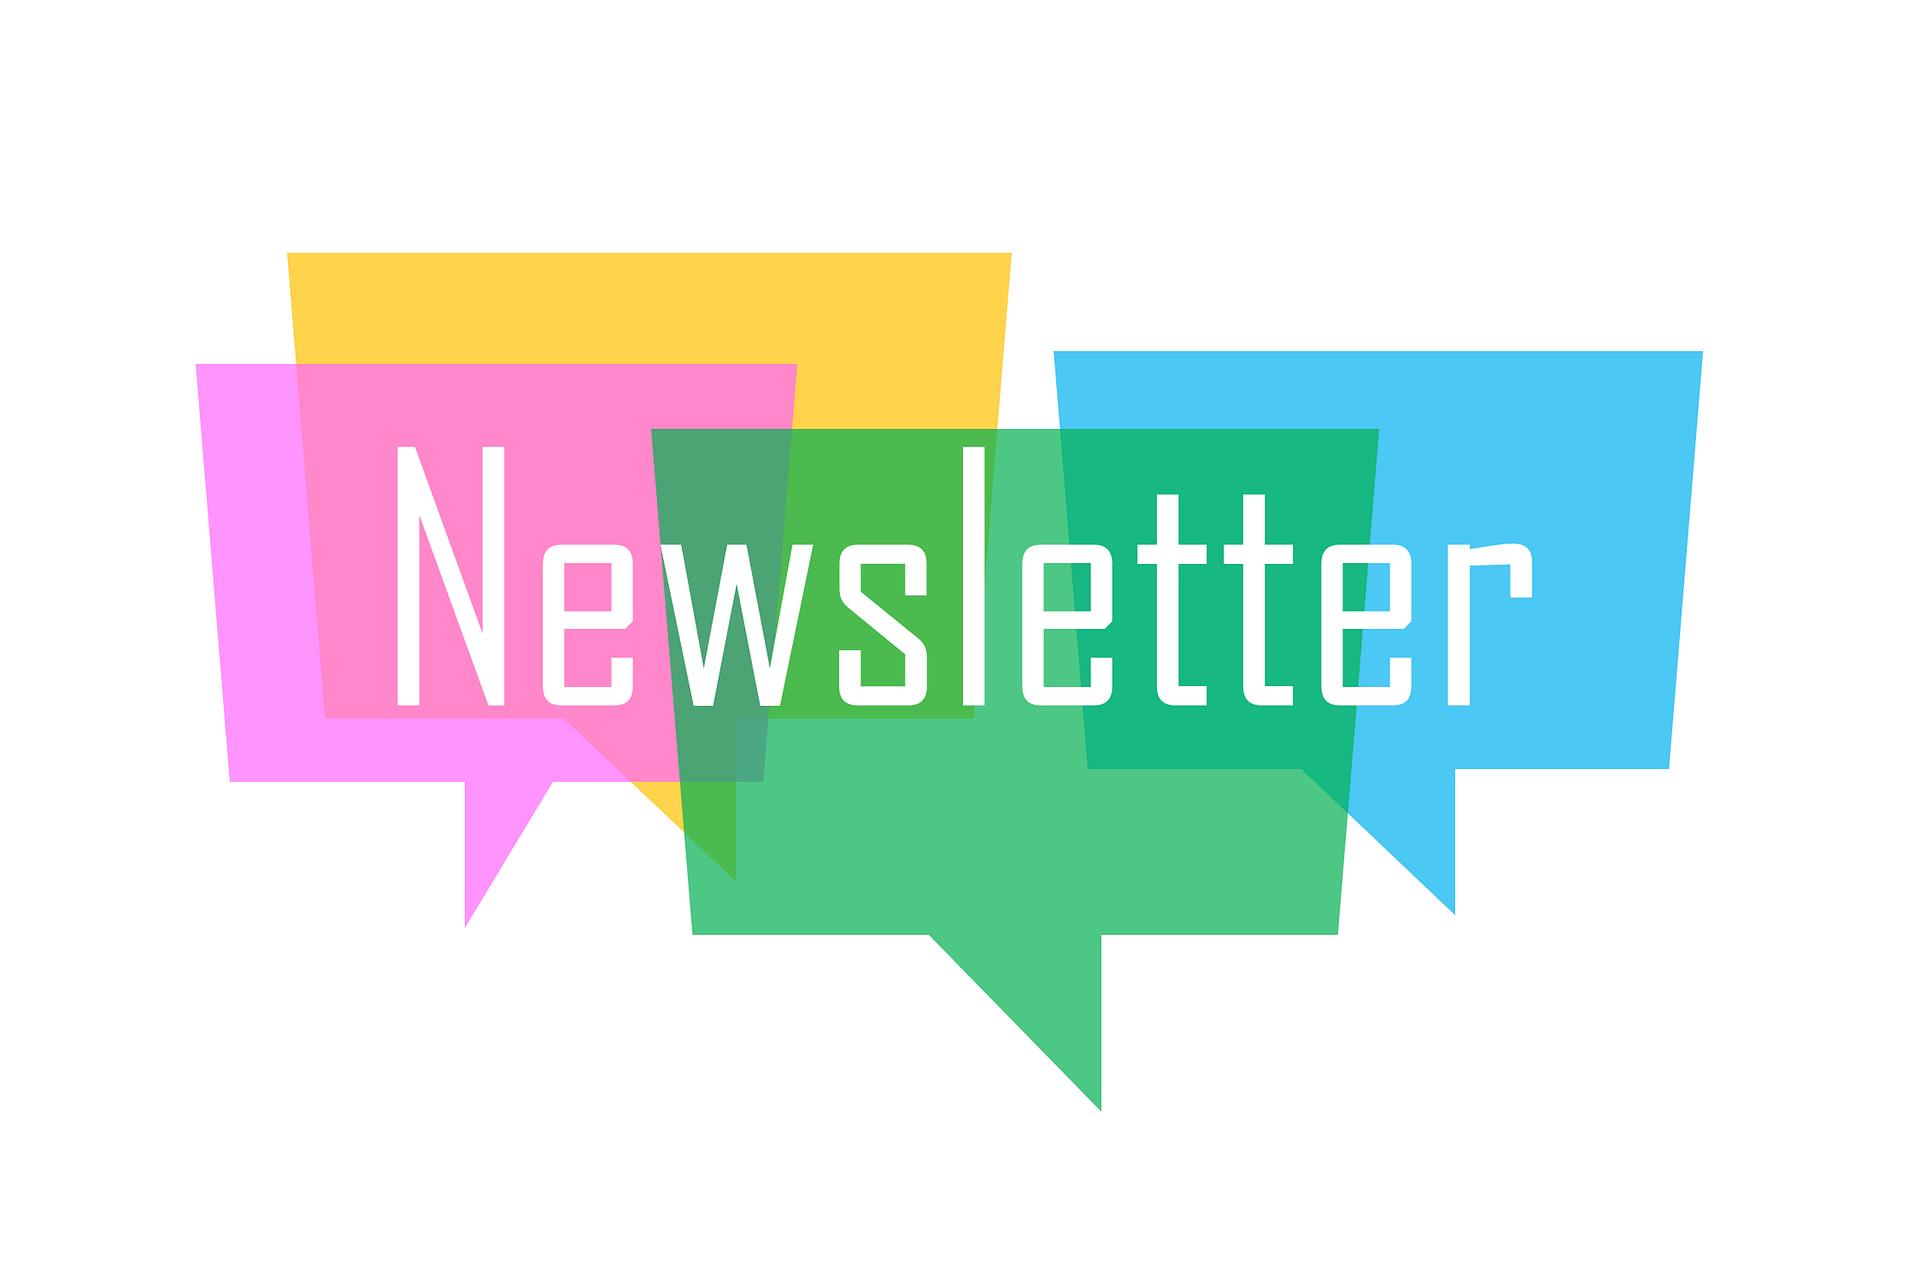 Service: Bauverein bietet Newsletter an